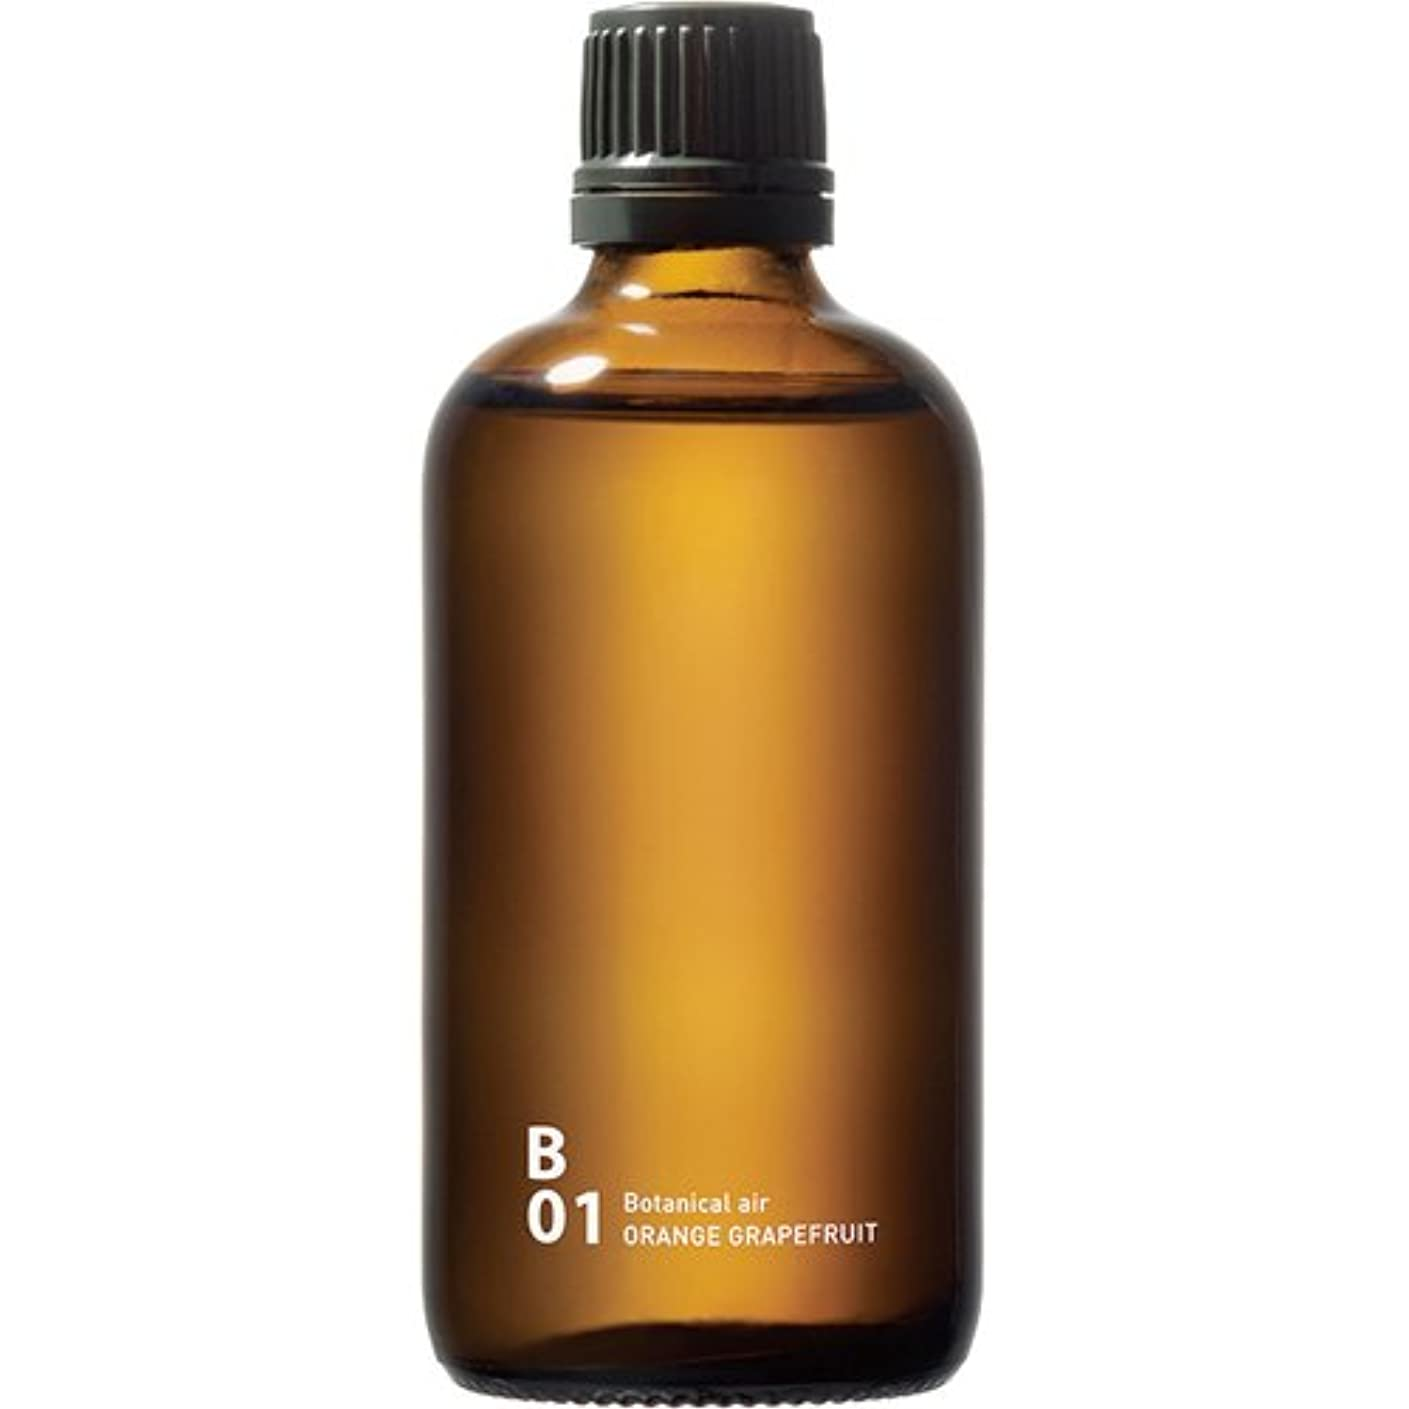 ブラインド崩壊経営者B01 ORANGE GRAPEFRUIT piezo aroma oil 100ml